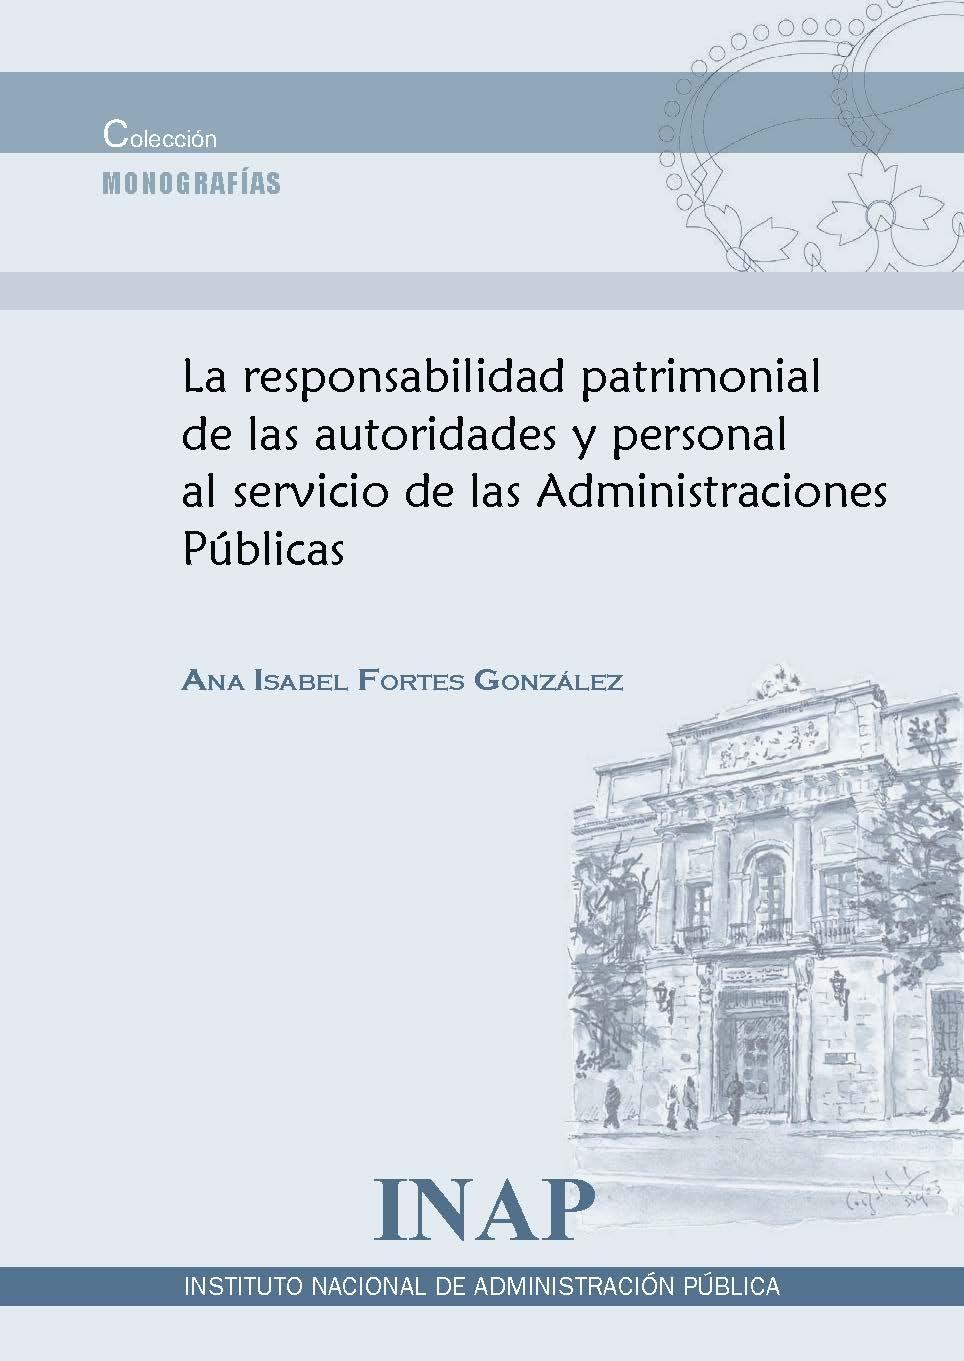 Responsabilidad Patrimonial De Las Autoridades Y Personal Al Servicio De Las Administraciones Públicas por Ana Isabel Fortes González